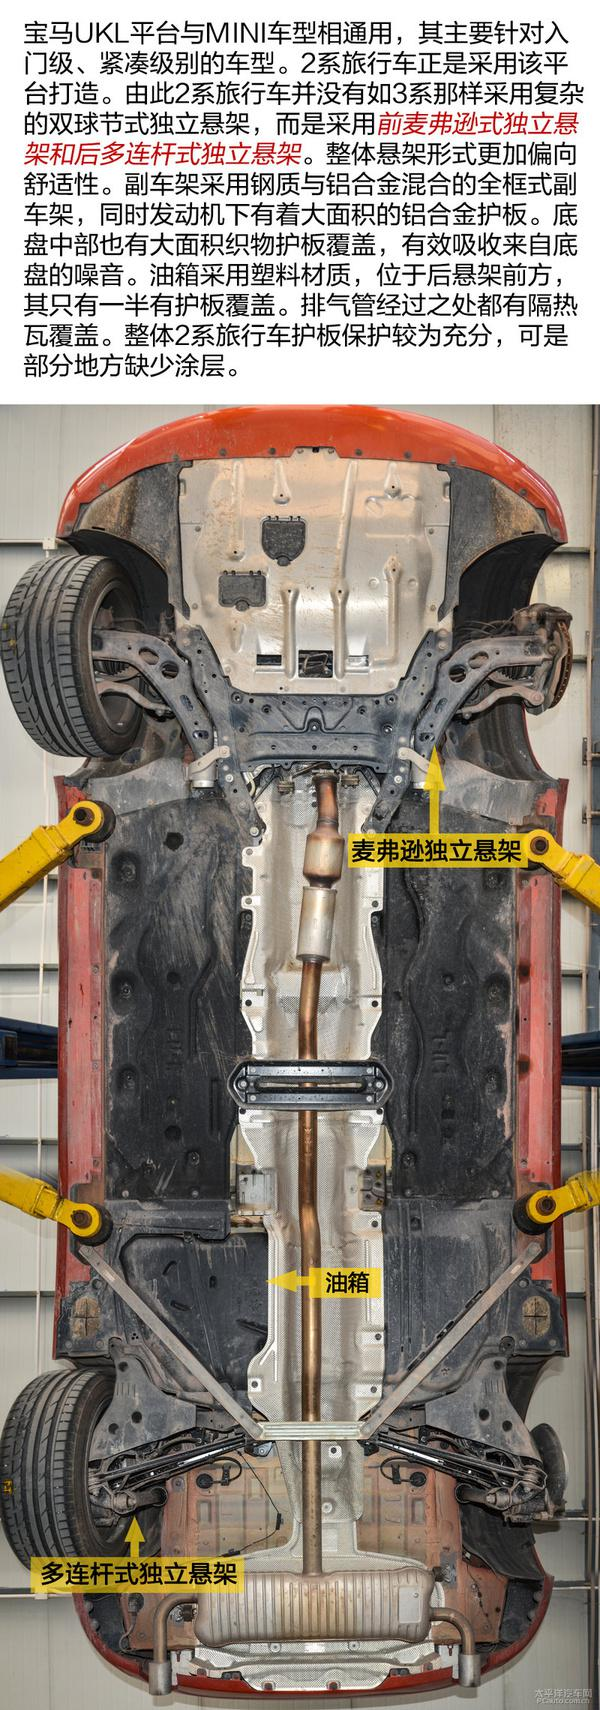 这是基于宝马ukl平台,采用横置发动机和前轮驱动转向的布置,整体感觉